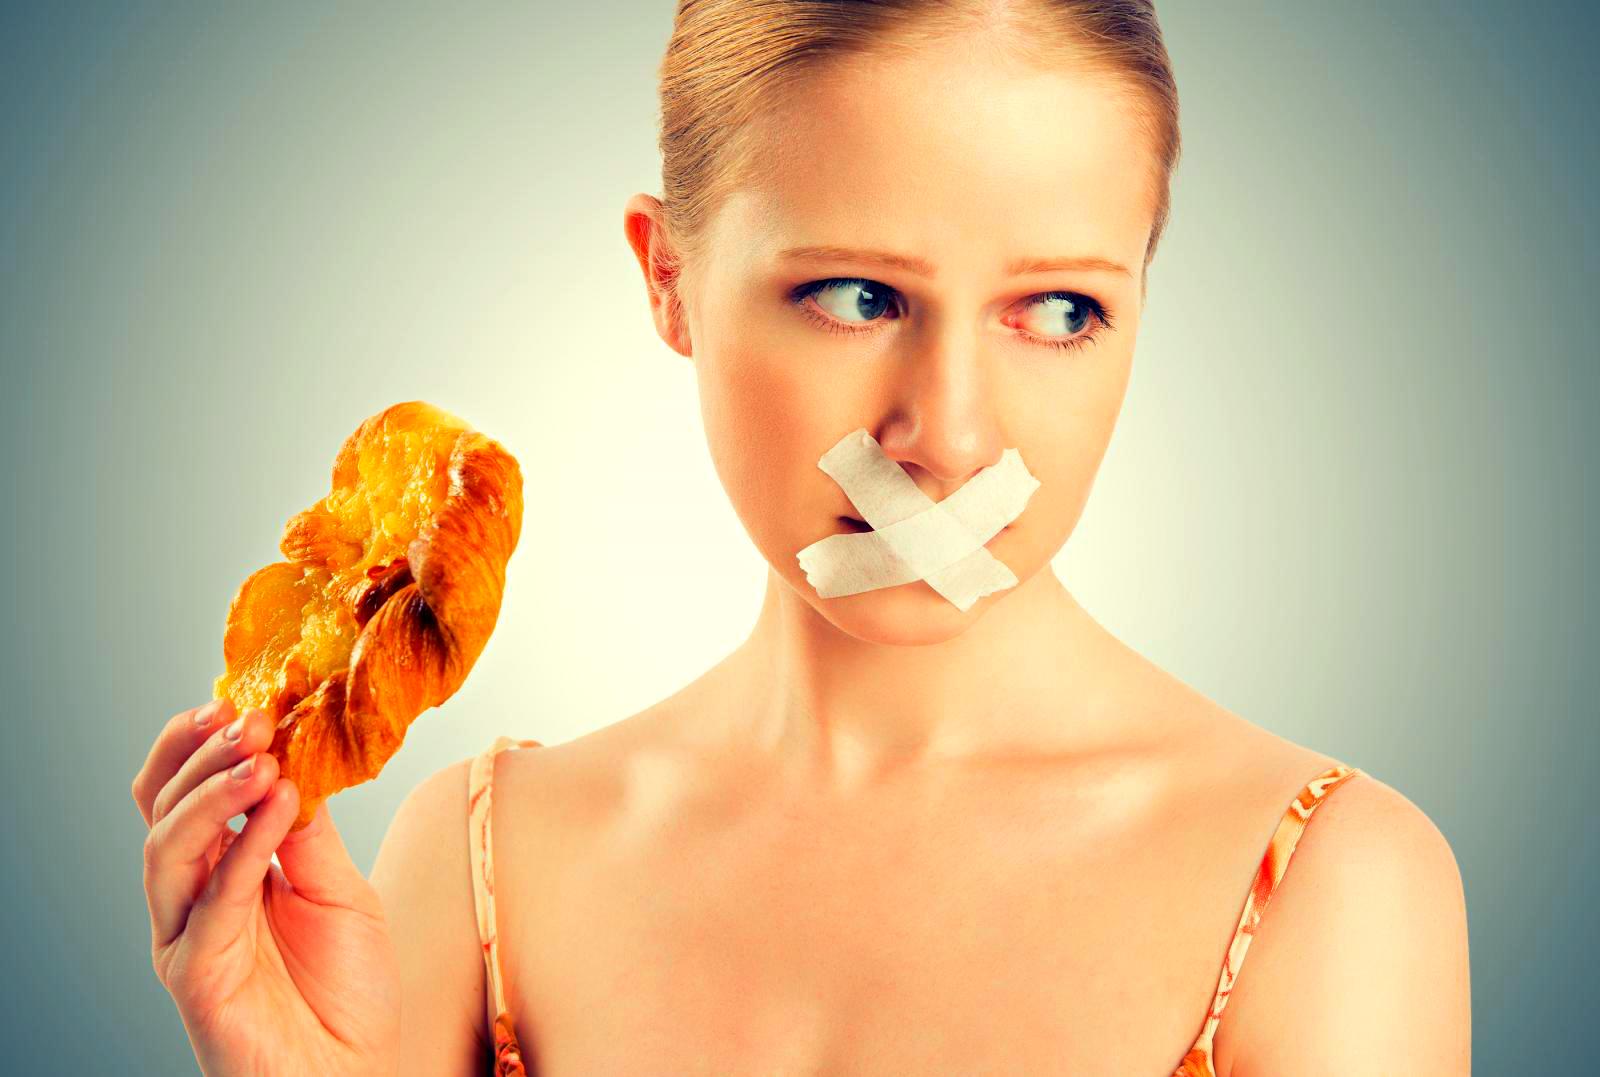 Лечебное голодание в домашних условиях и его противопоказания